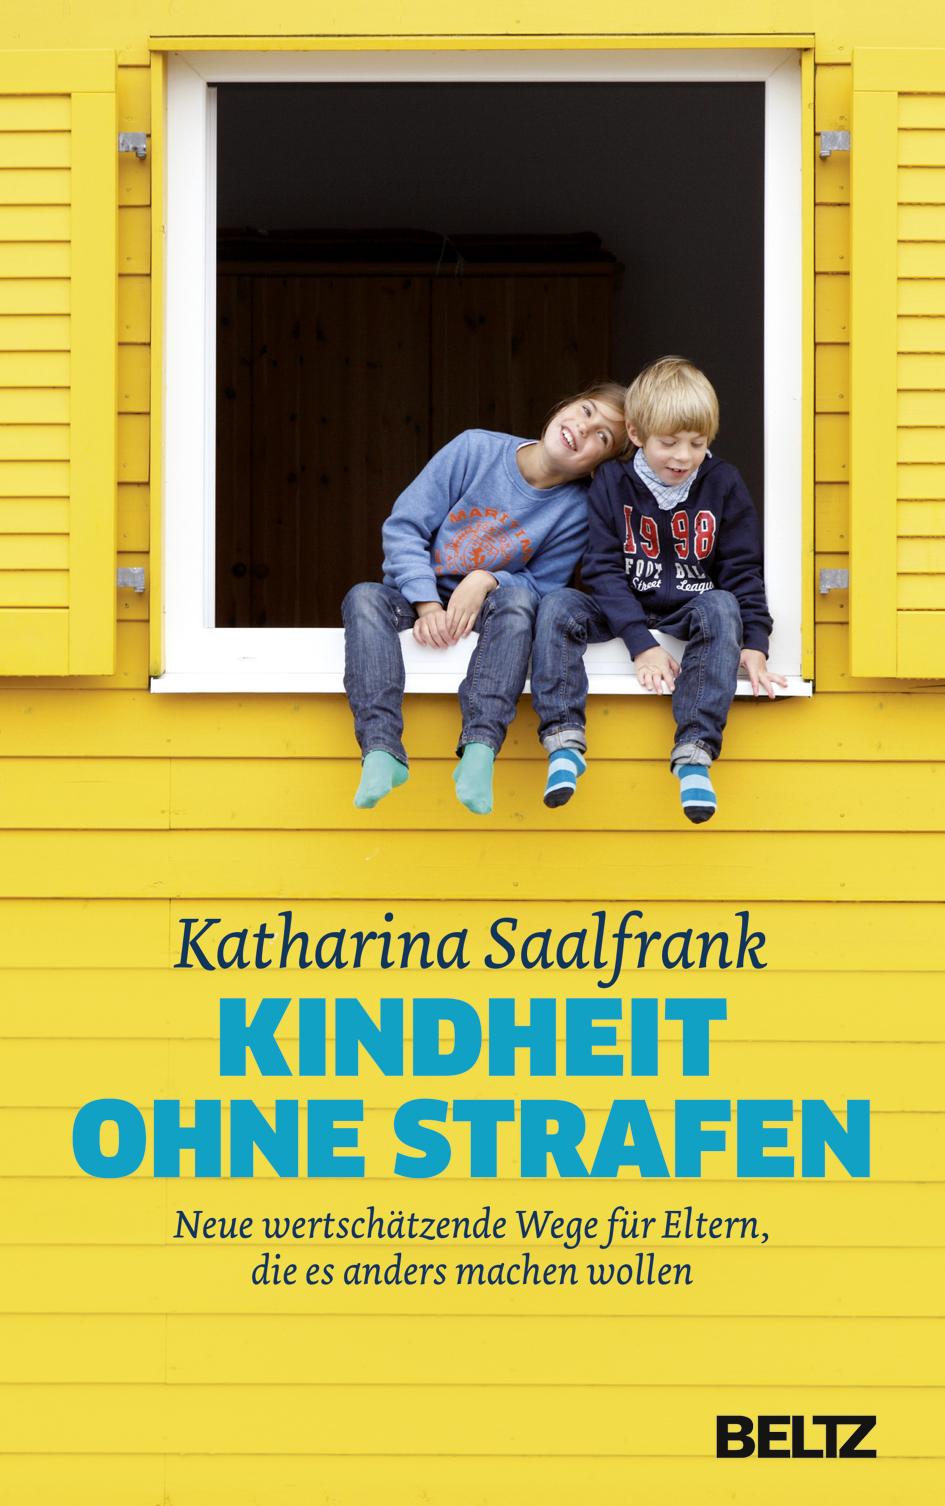 Liebevoll leben und lernen - junge Menschen - Kinder - Bild vom Buch: Kindheit ohne Strafen - Autorin: Katharina Saalfrank - Verlag: Beltz Verlag